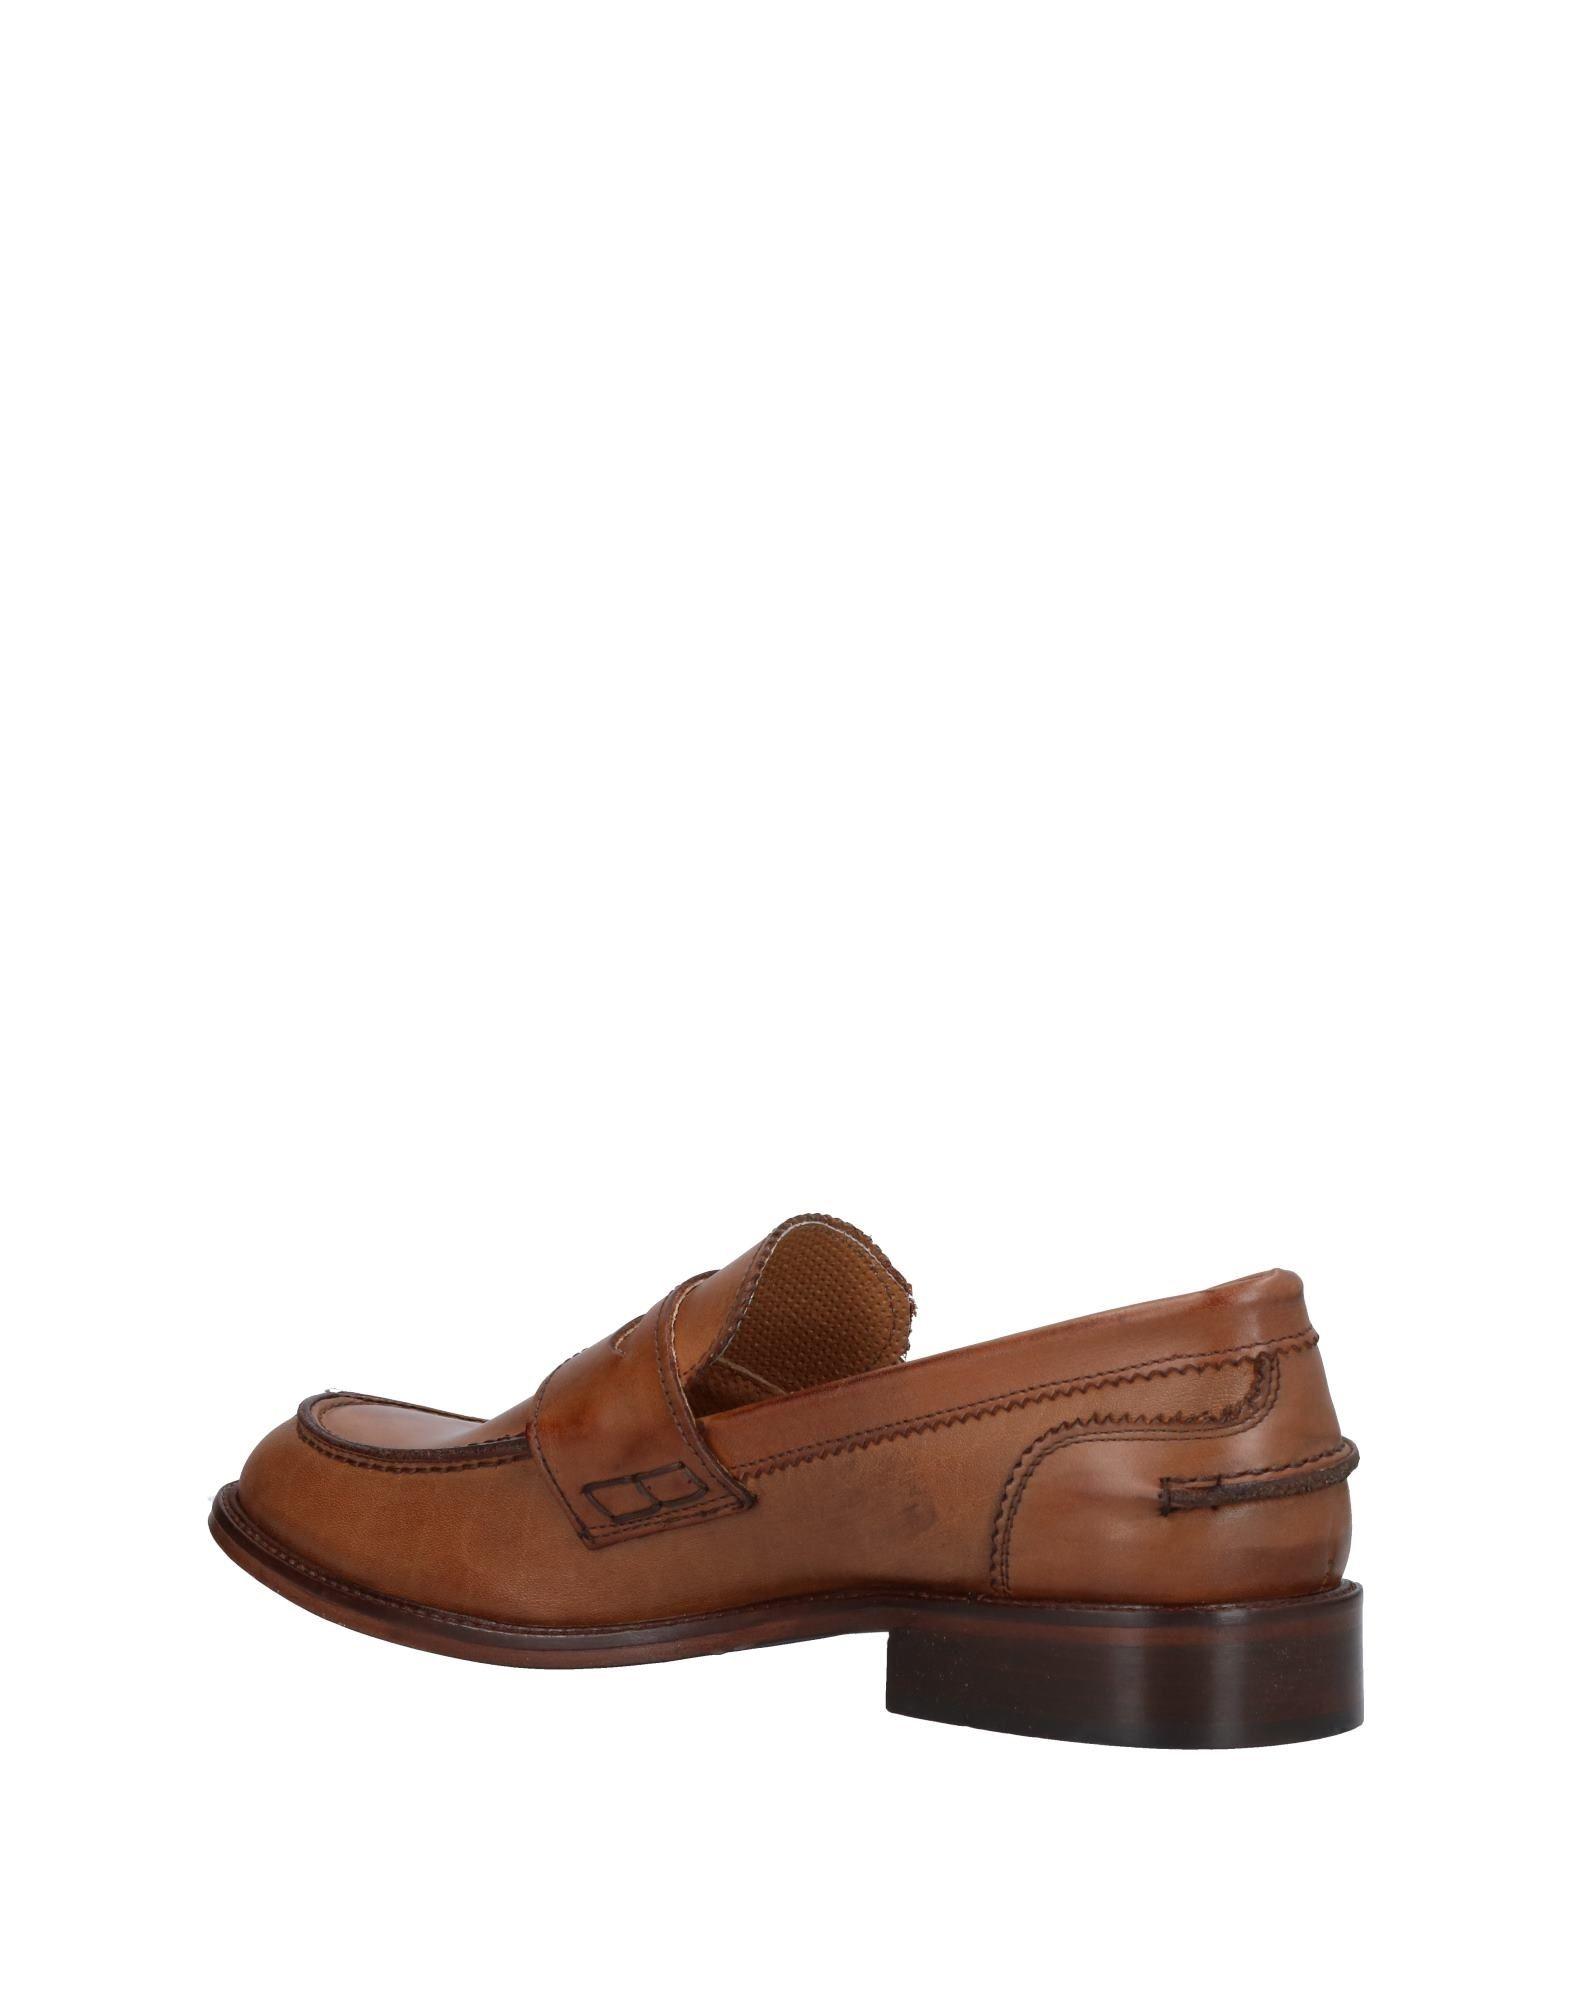 Rabatt echte Bagatt Schuhe Bagatt echte Mokassins Herren  11413028WI 7aa160